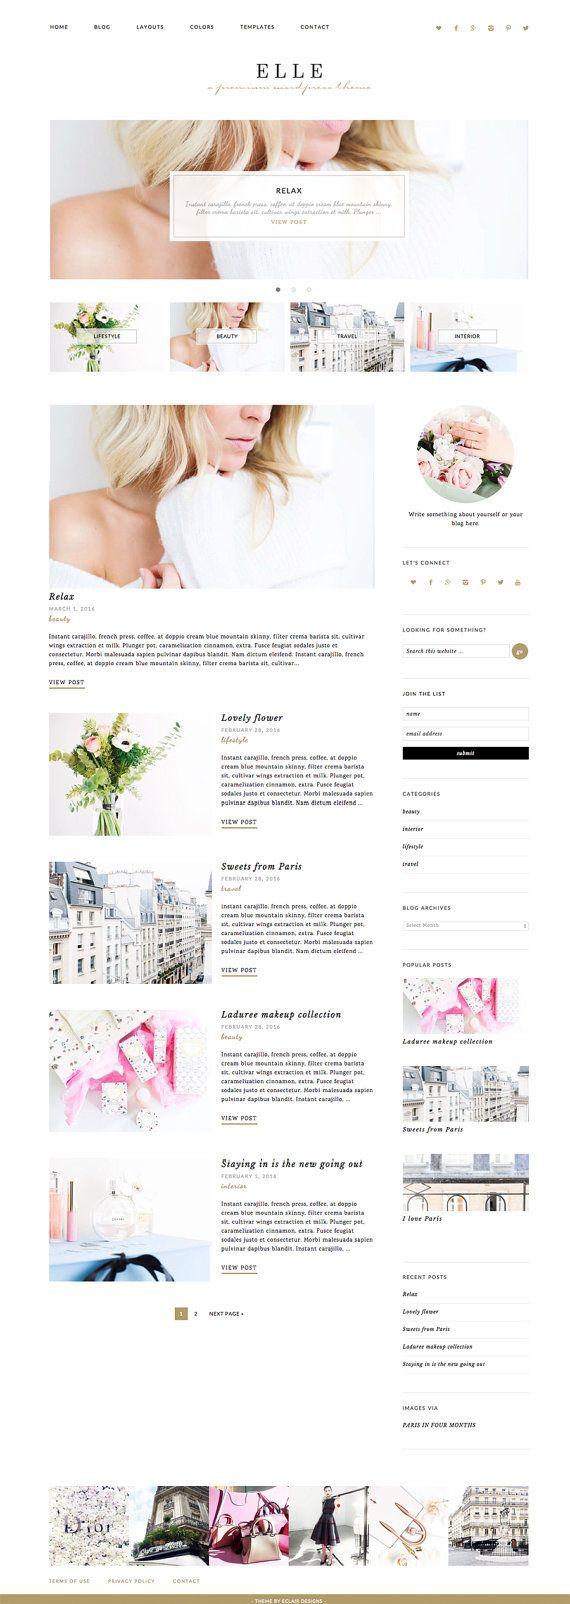 Elle est un thème Wordpress premade chic et modern avec la flexibilité et la polyvalence. Thème personnalisable couleur, changer la couleur de thème